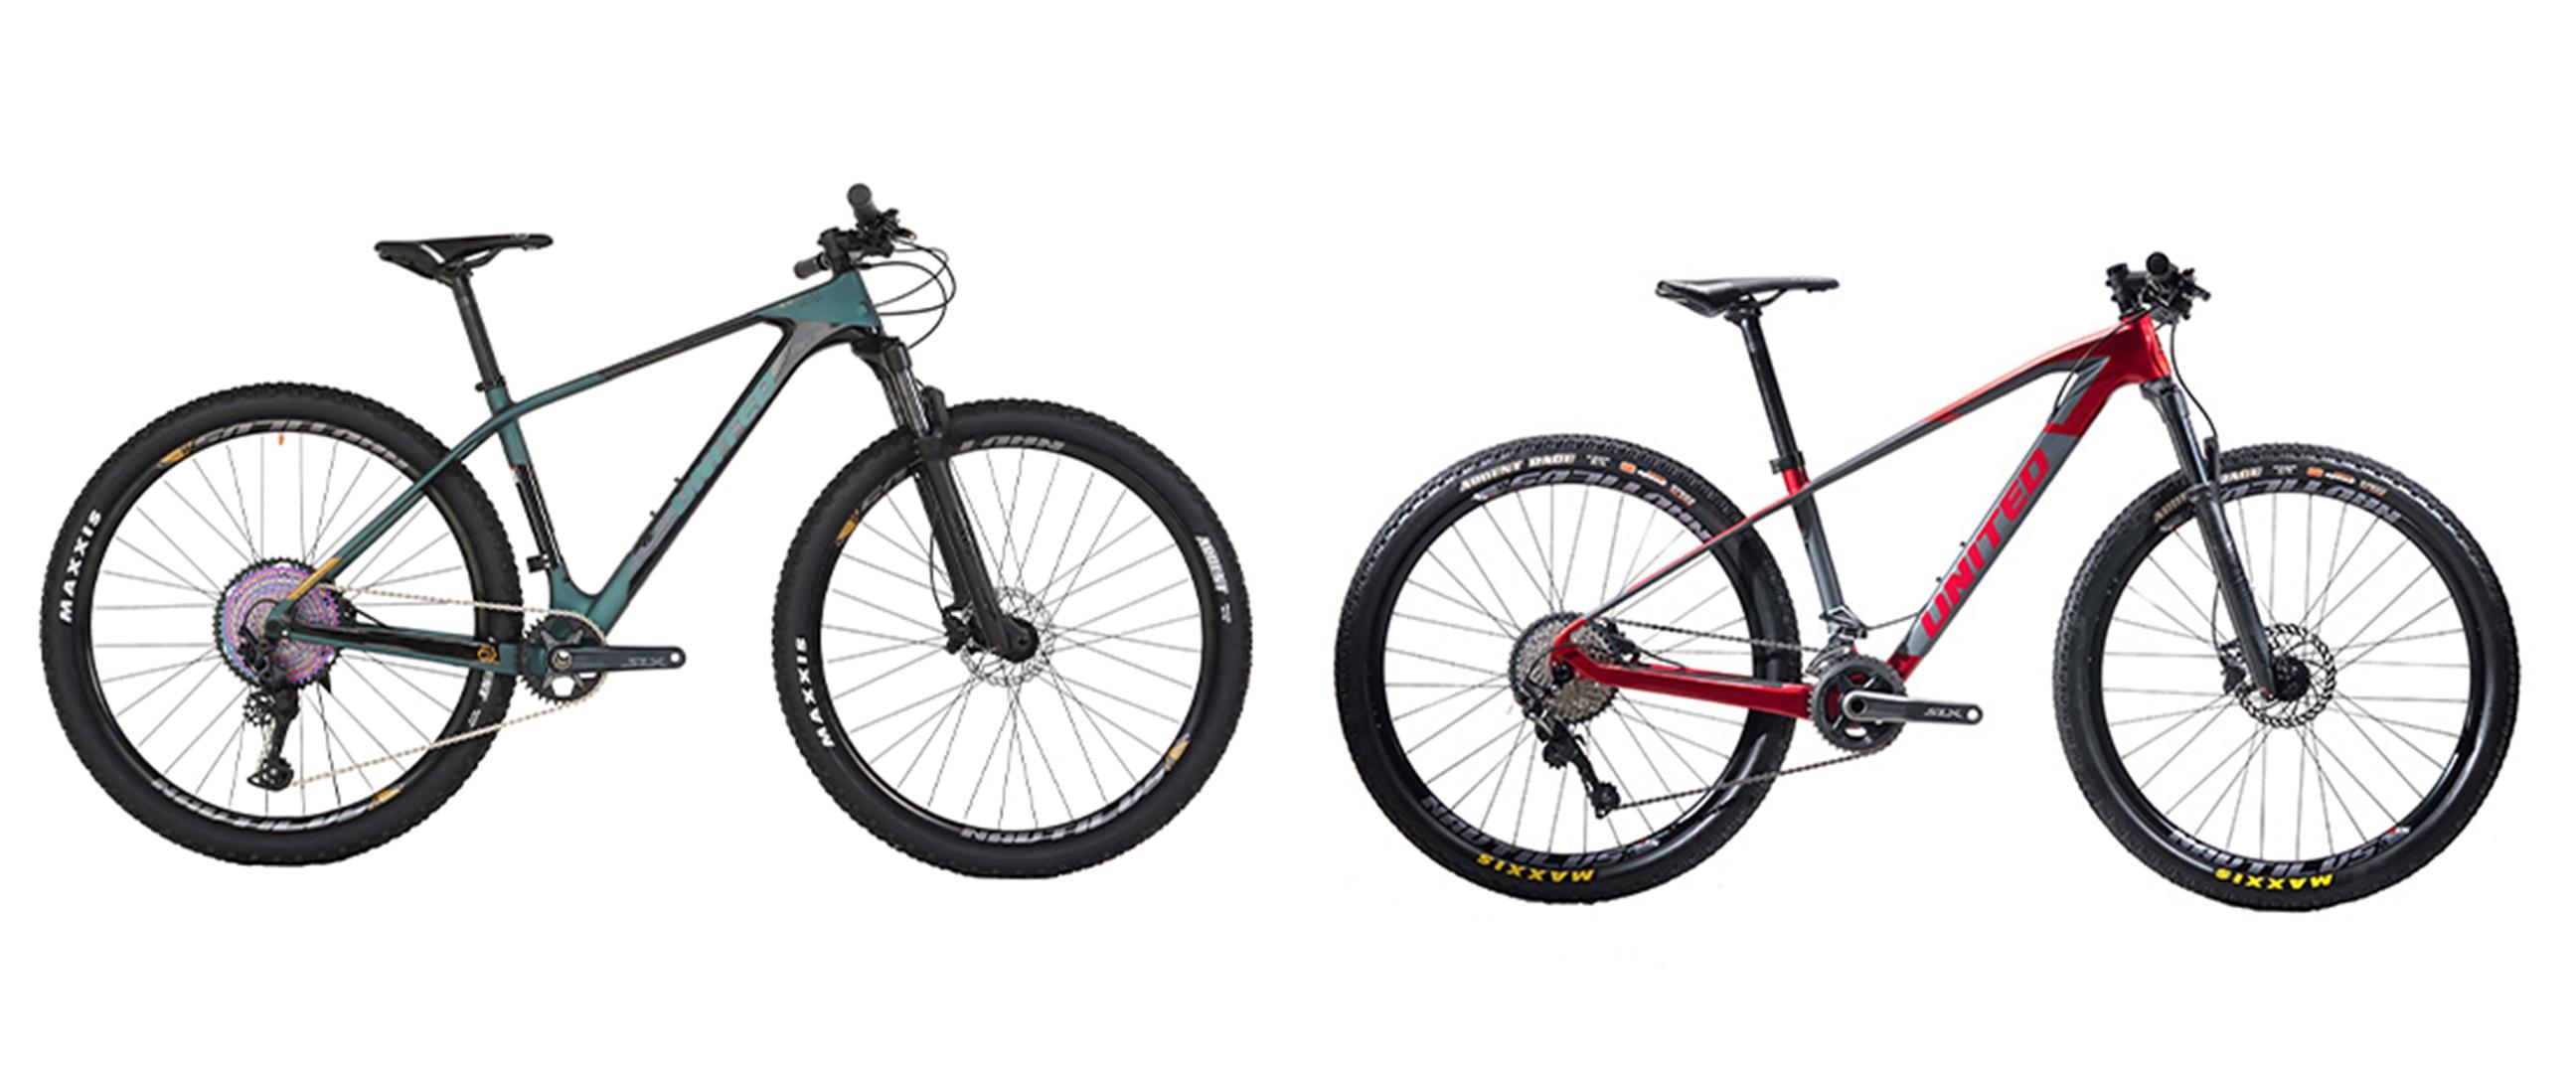 Harga sepeda MTB United Kyross dan spesifikasinya, keren dan andal